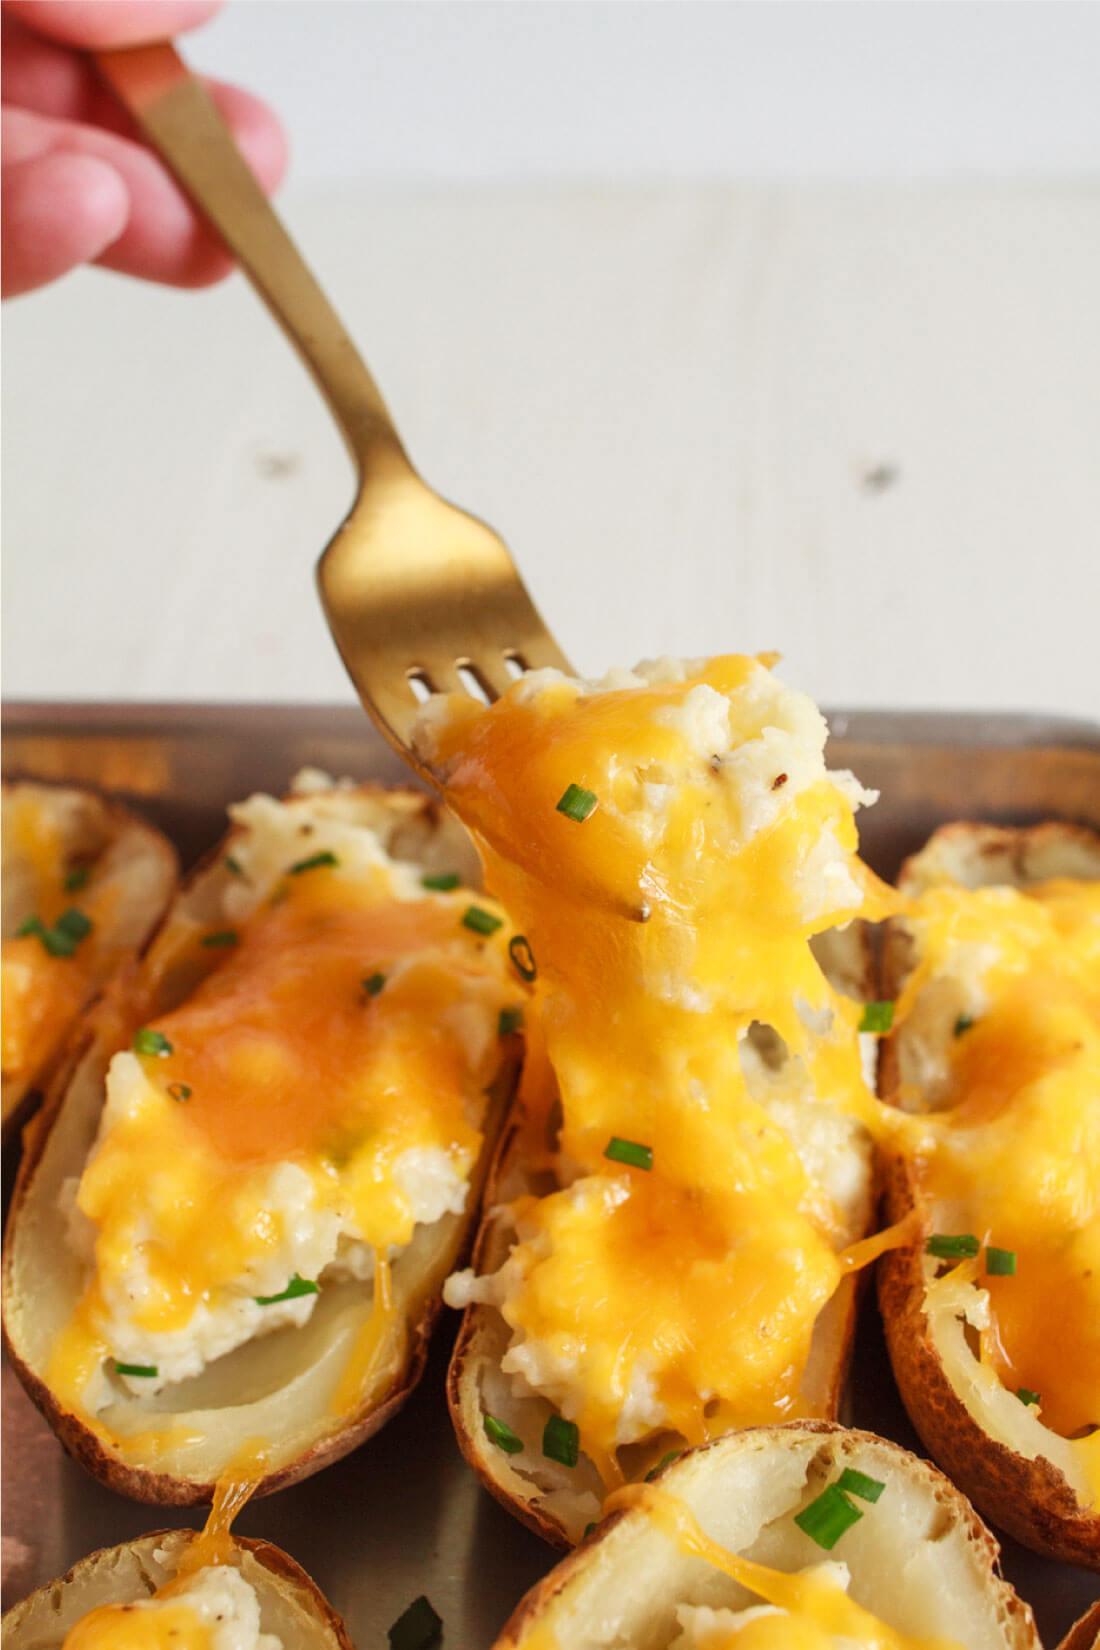 Twice <yoastmark class='yoast-text-mark'>Baked Potato</yoastmark> Recipe